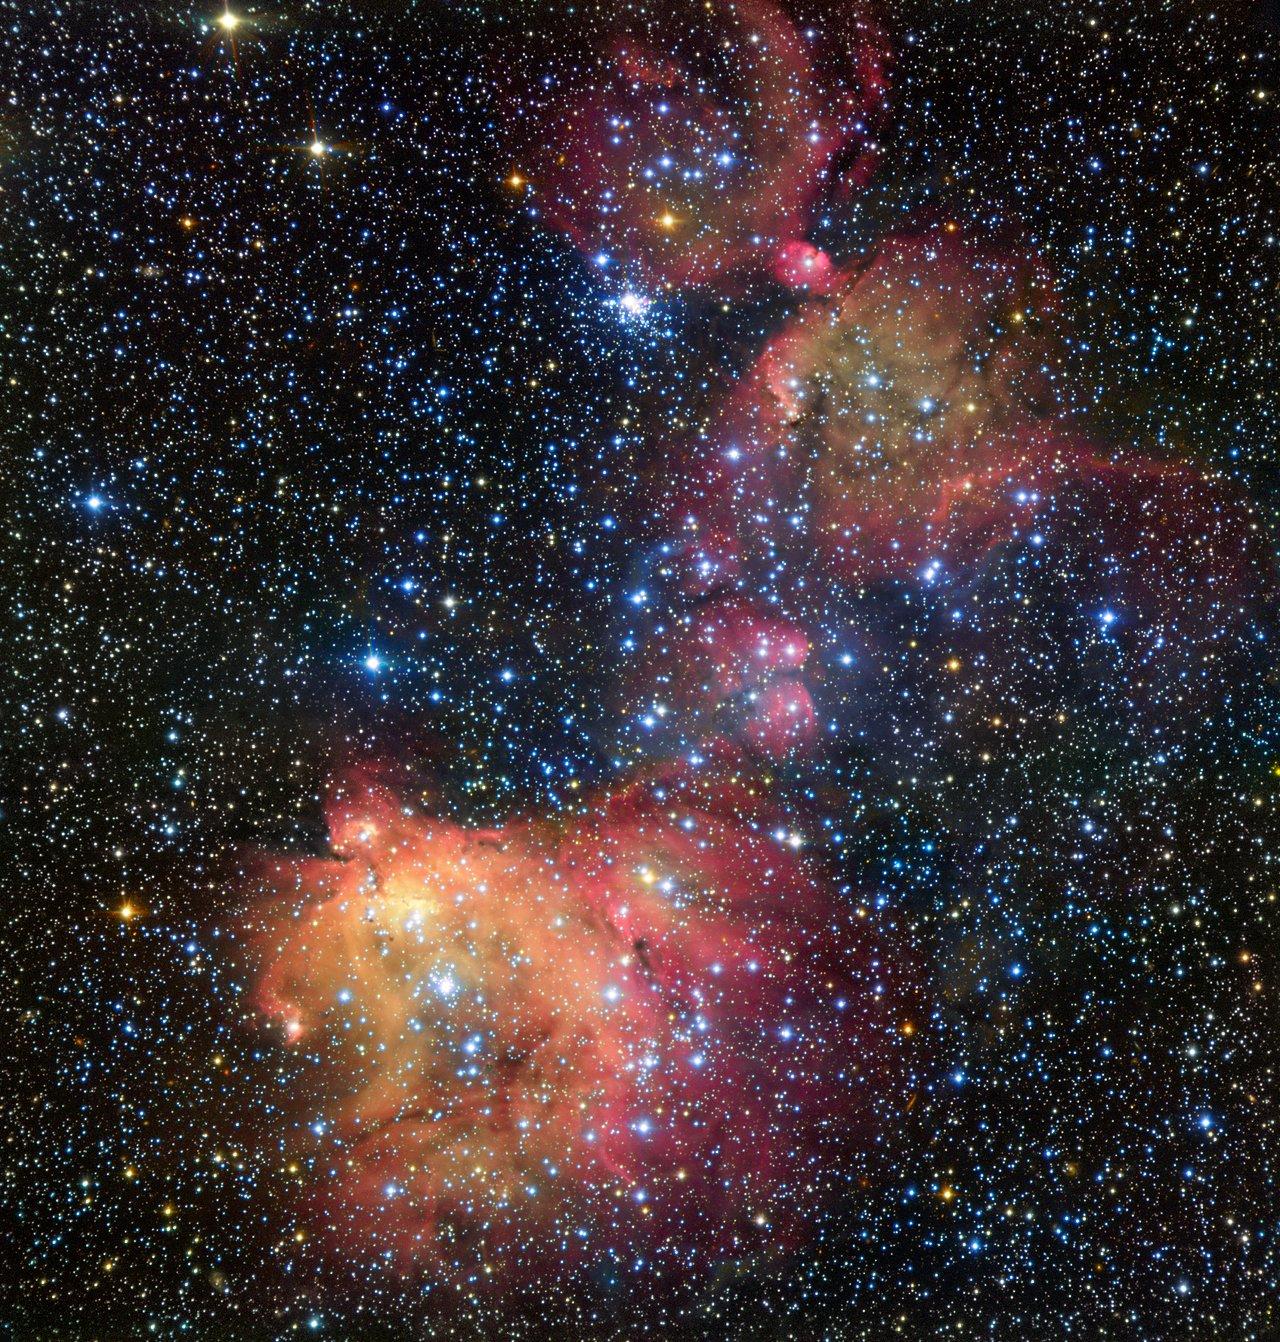 En esta imagen del VLT (Very Large Telescope) de ESO, la luz que emanan los ardientes astros azules excita el gas sobrante tras el nacimiento de las propias estrellas. El resultado es una nebulosa de emisión sorprendentemente colorida, llamada LHA 120-N55, en la que las estrellas están adornadas con un manto de gas incandescente. Los astrónomos estudian estos hermosos alardes de belleza para conocer las condiciones que se dan en los lugares donde se desarrollan nuevas estrellas.